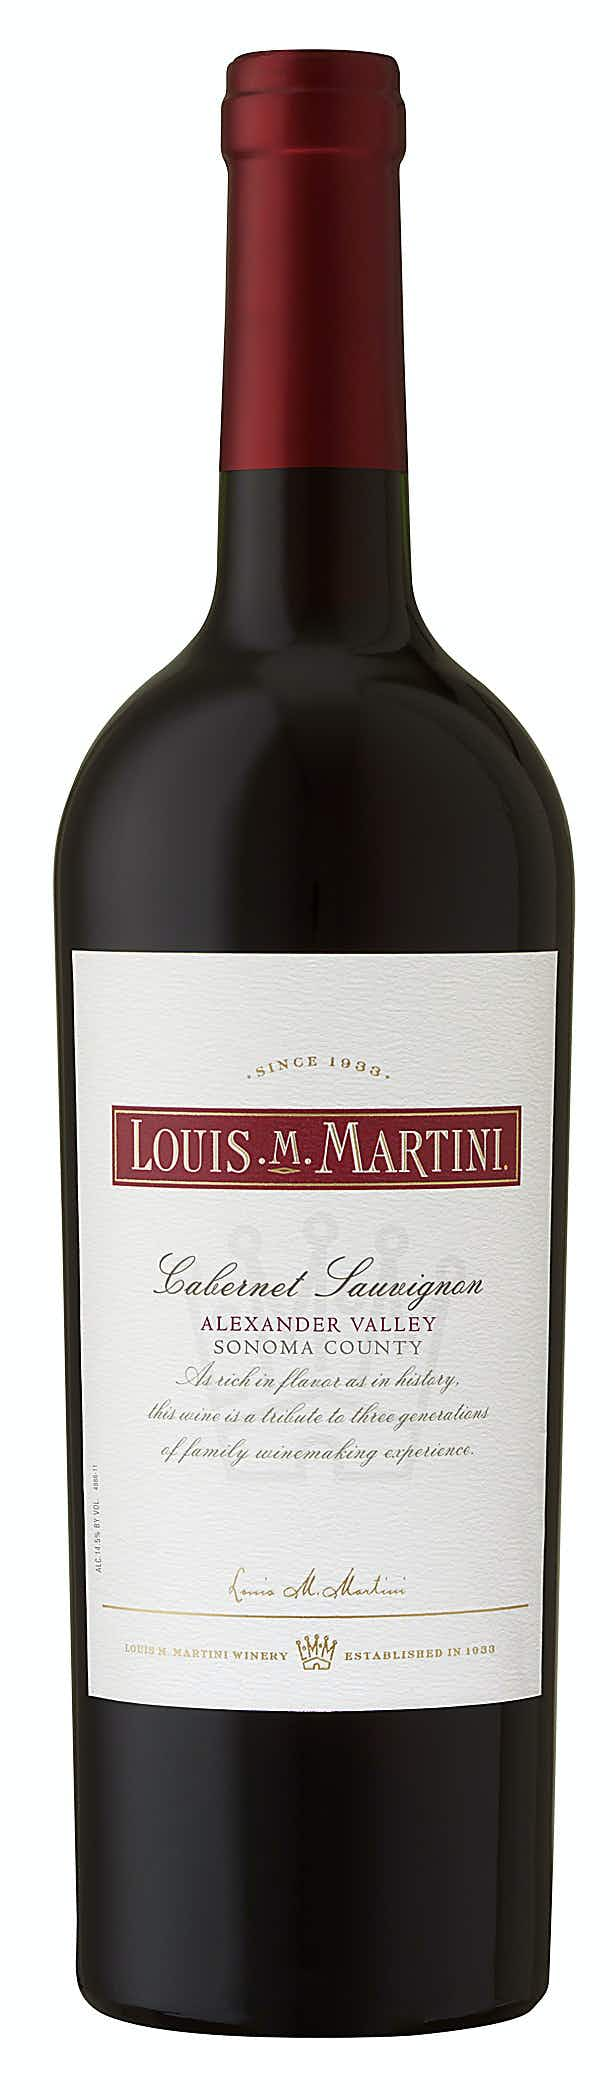 Louis M. Martini - Louis M. Martini Cabernet Sauvignon